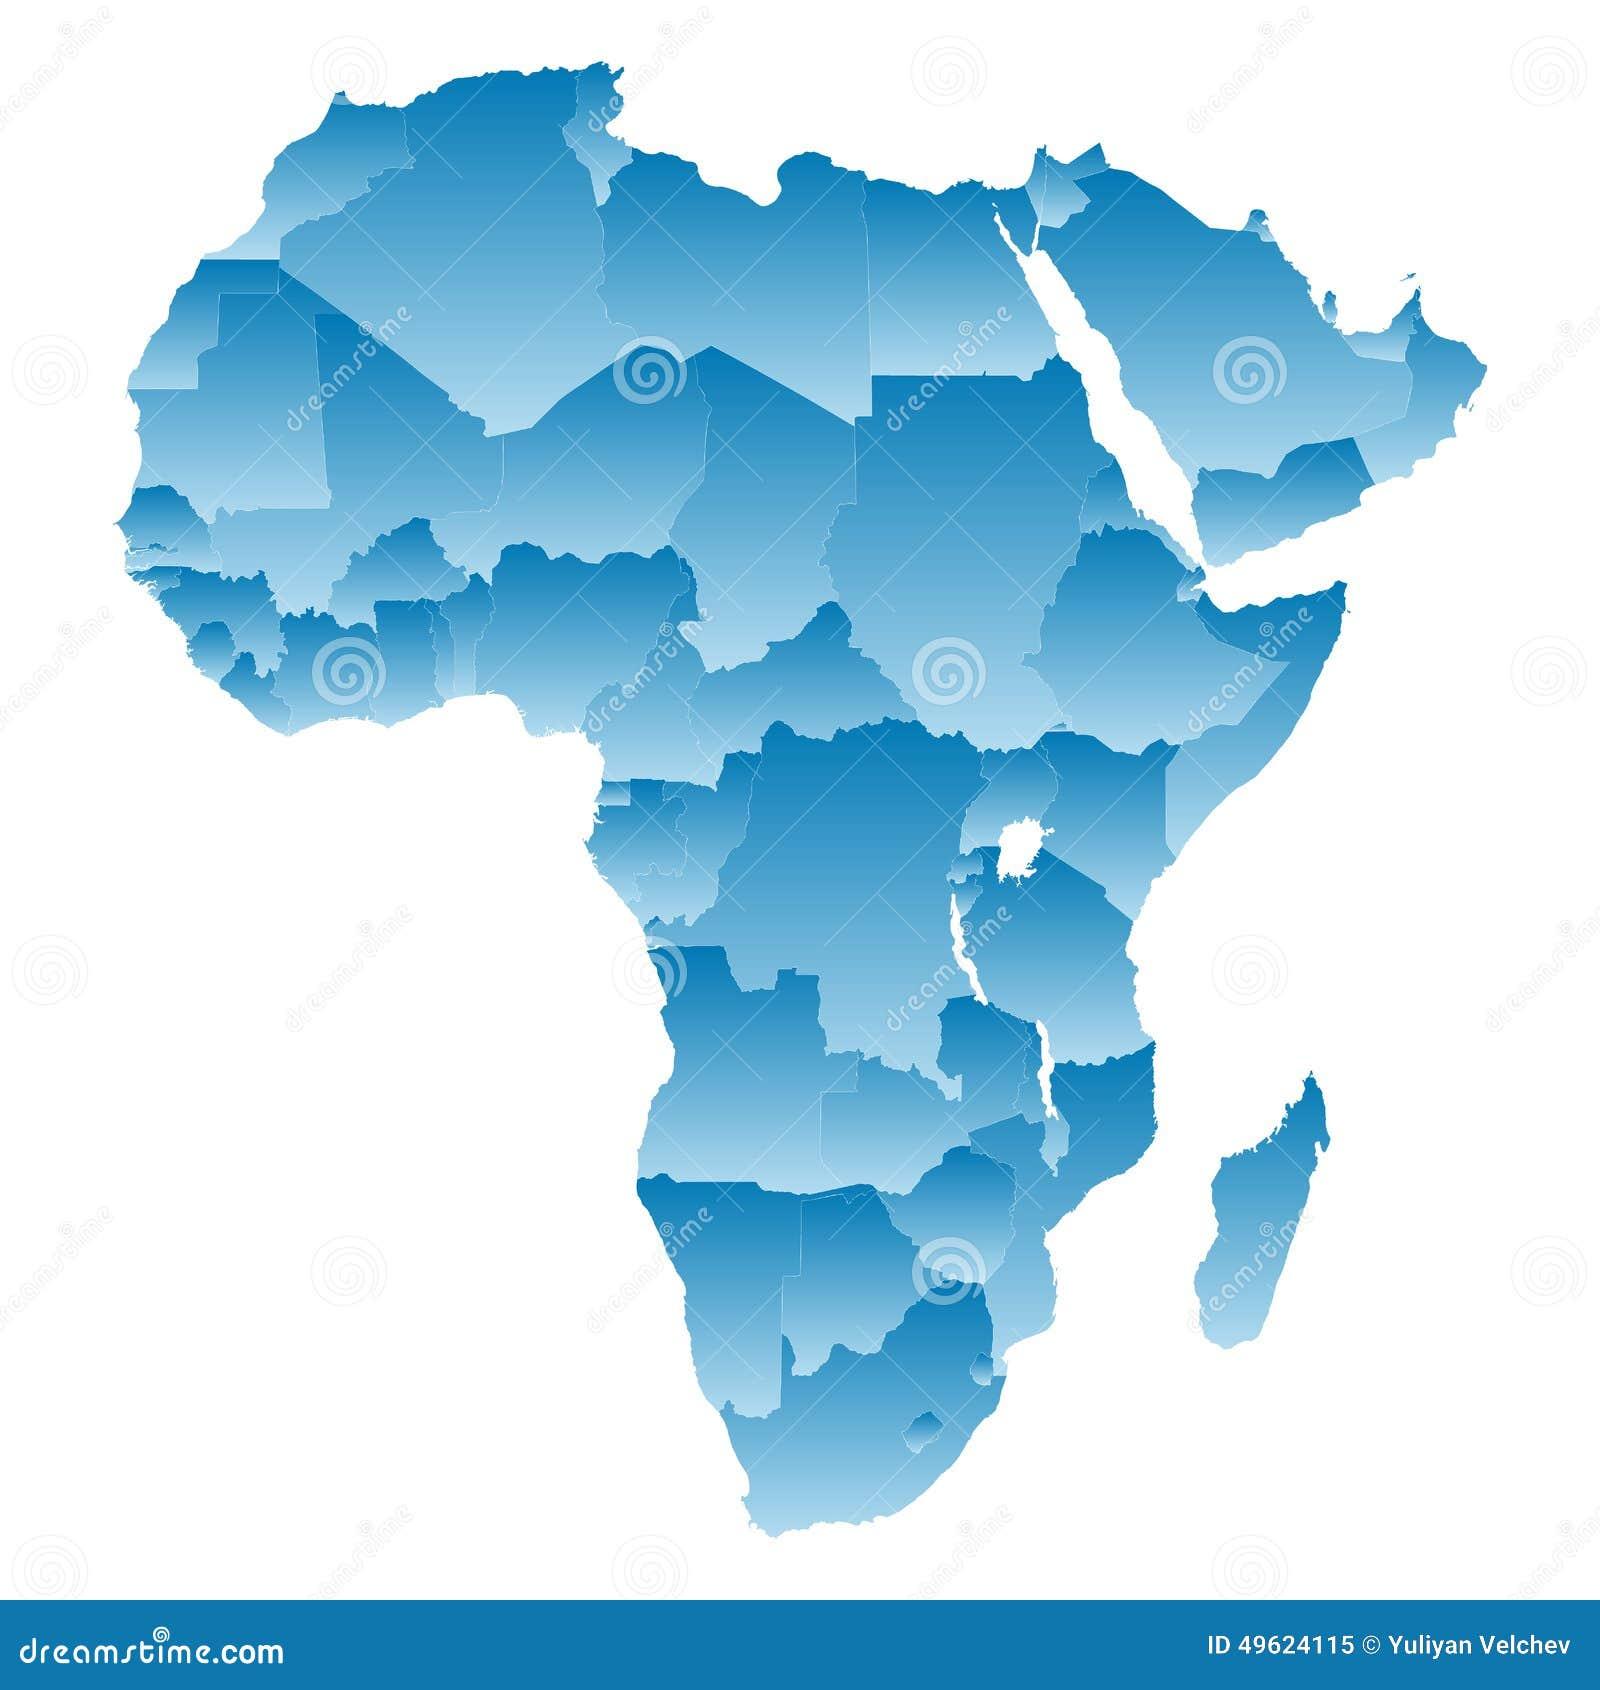 非洲的地图图片展示